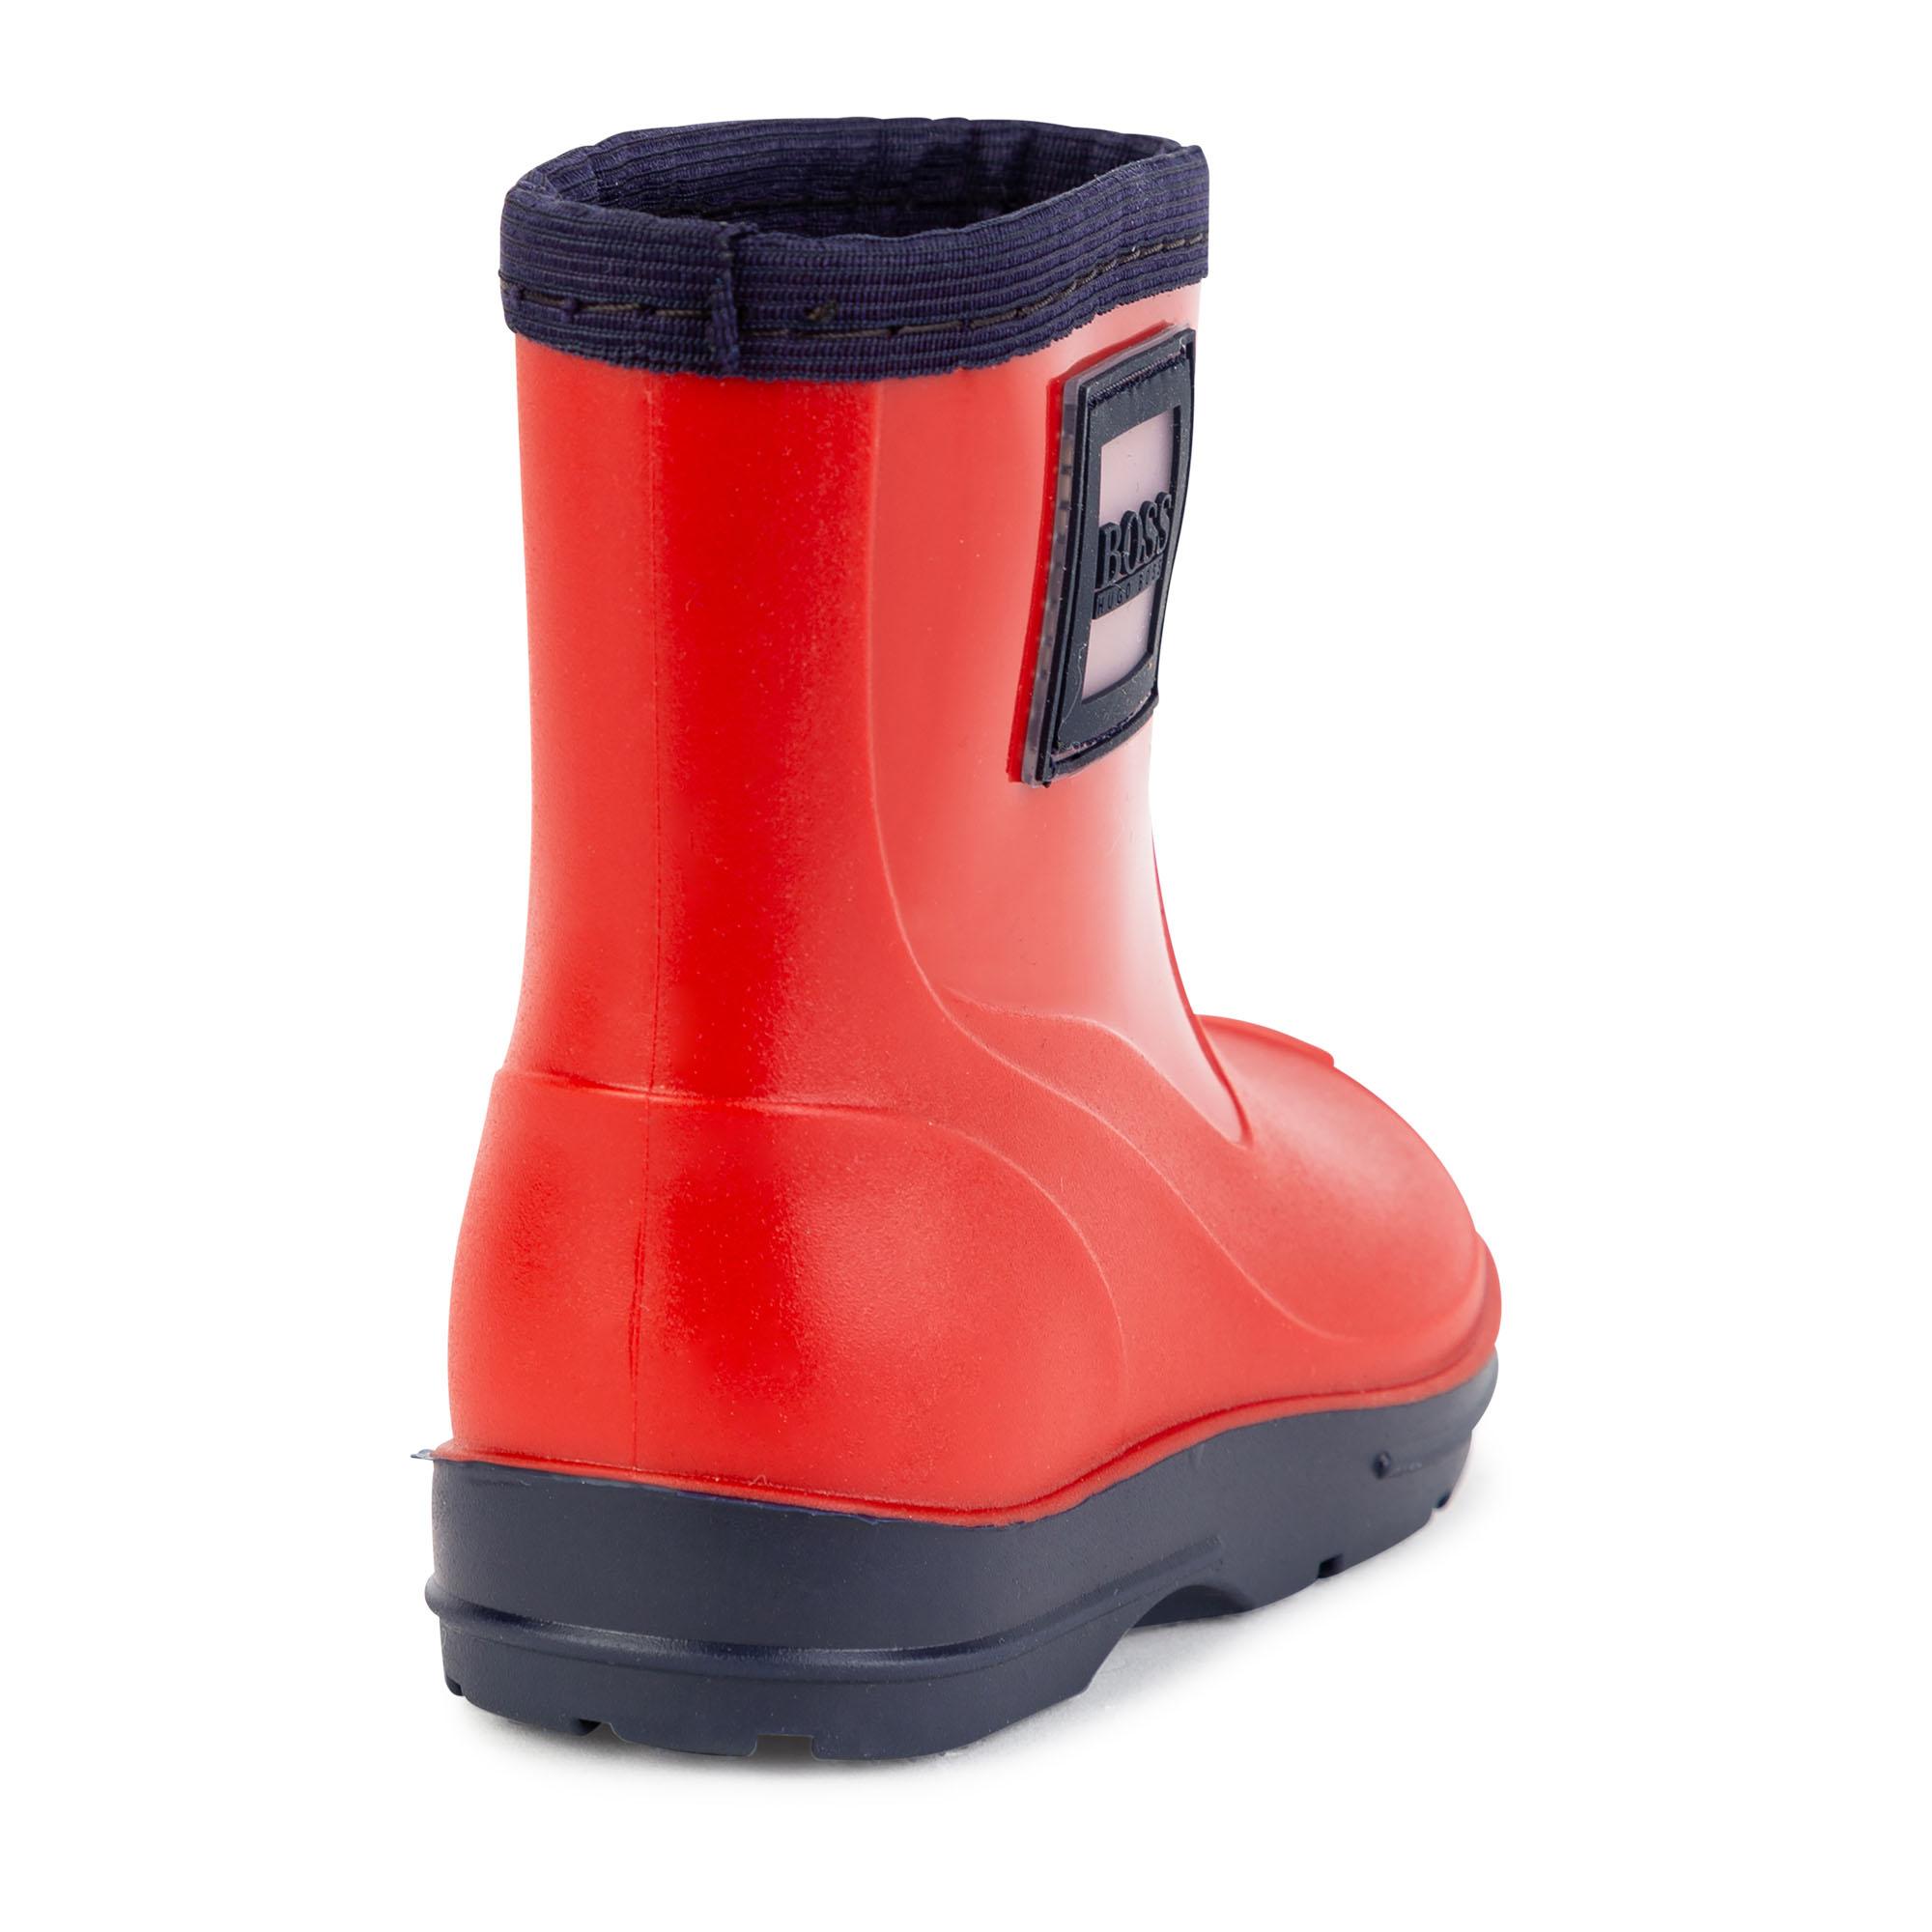 rain boots BOSS for BOY